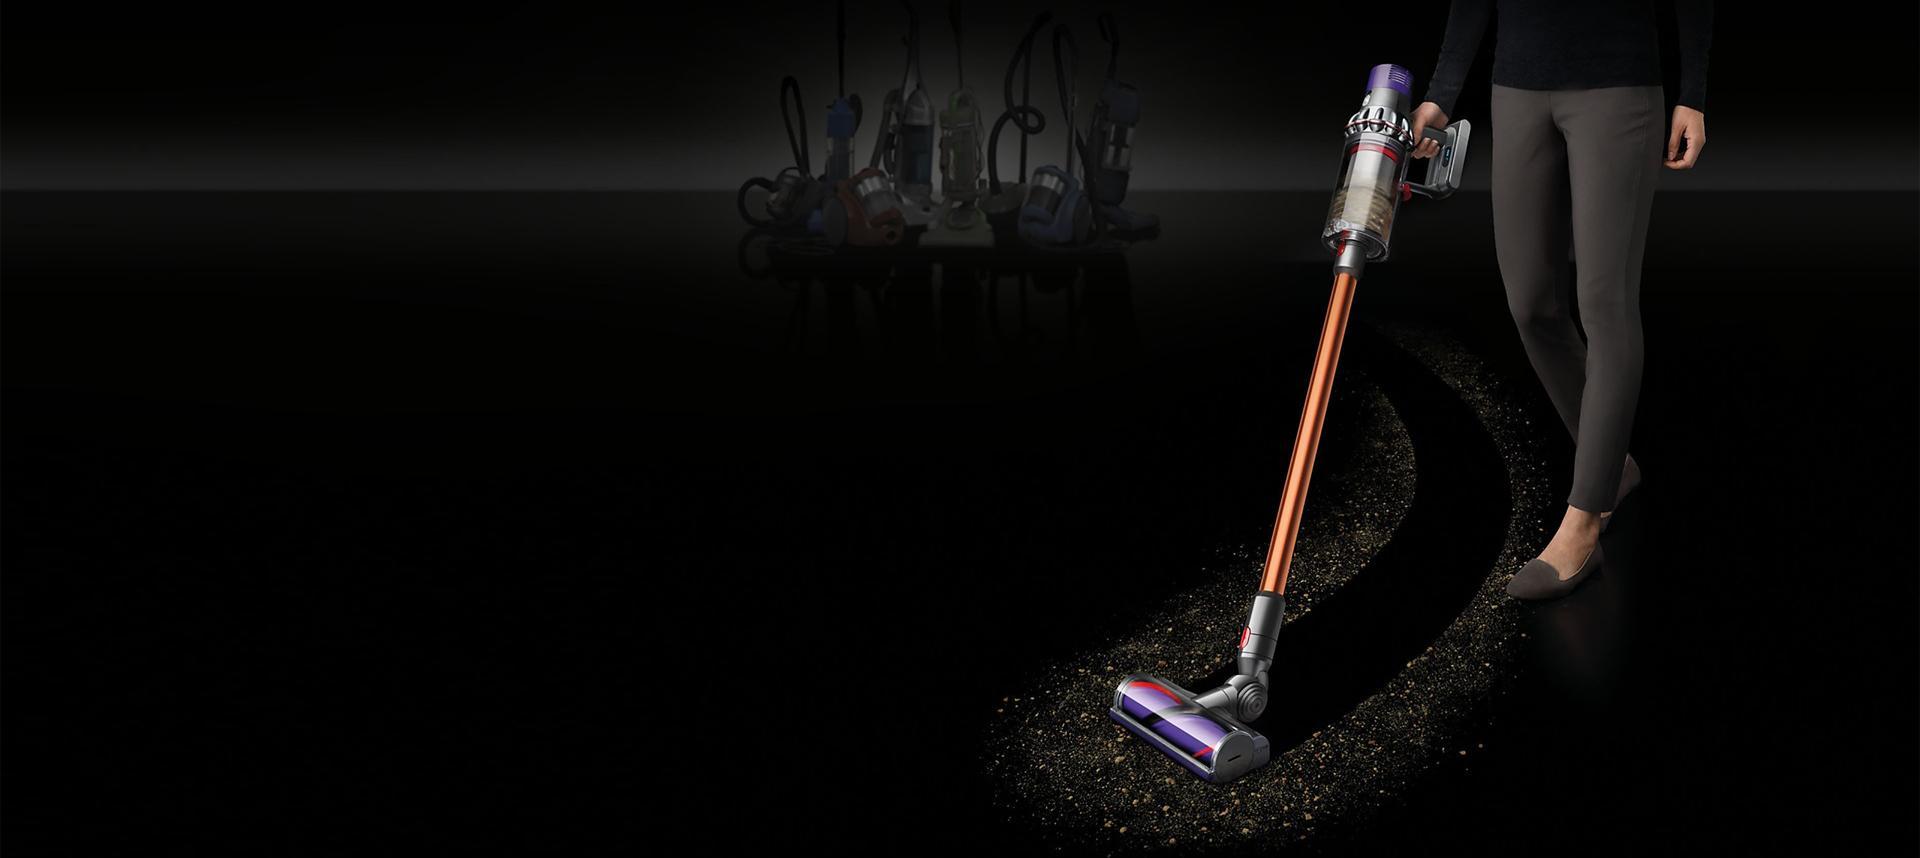 Fără fir. Putere mai mare de aspirare pentru o curățenie profundă.